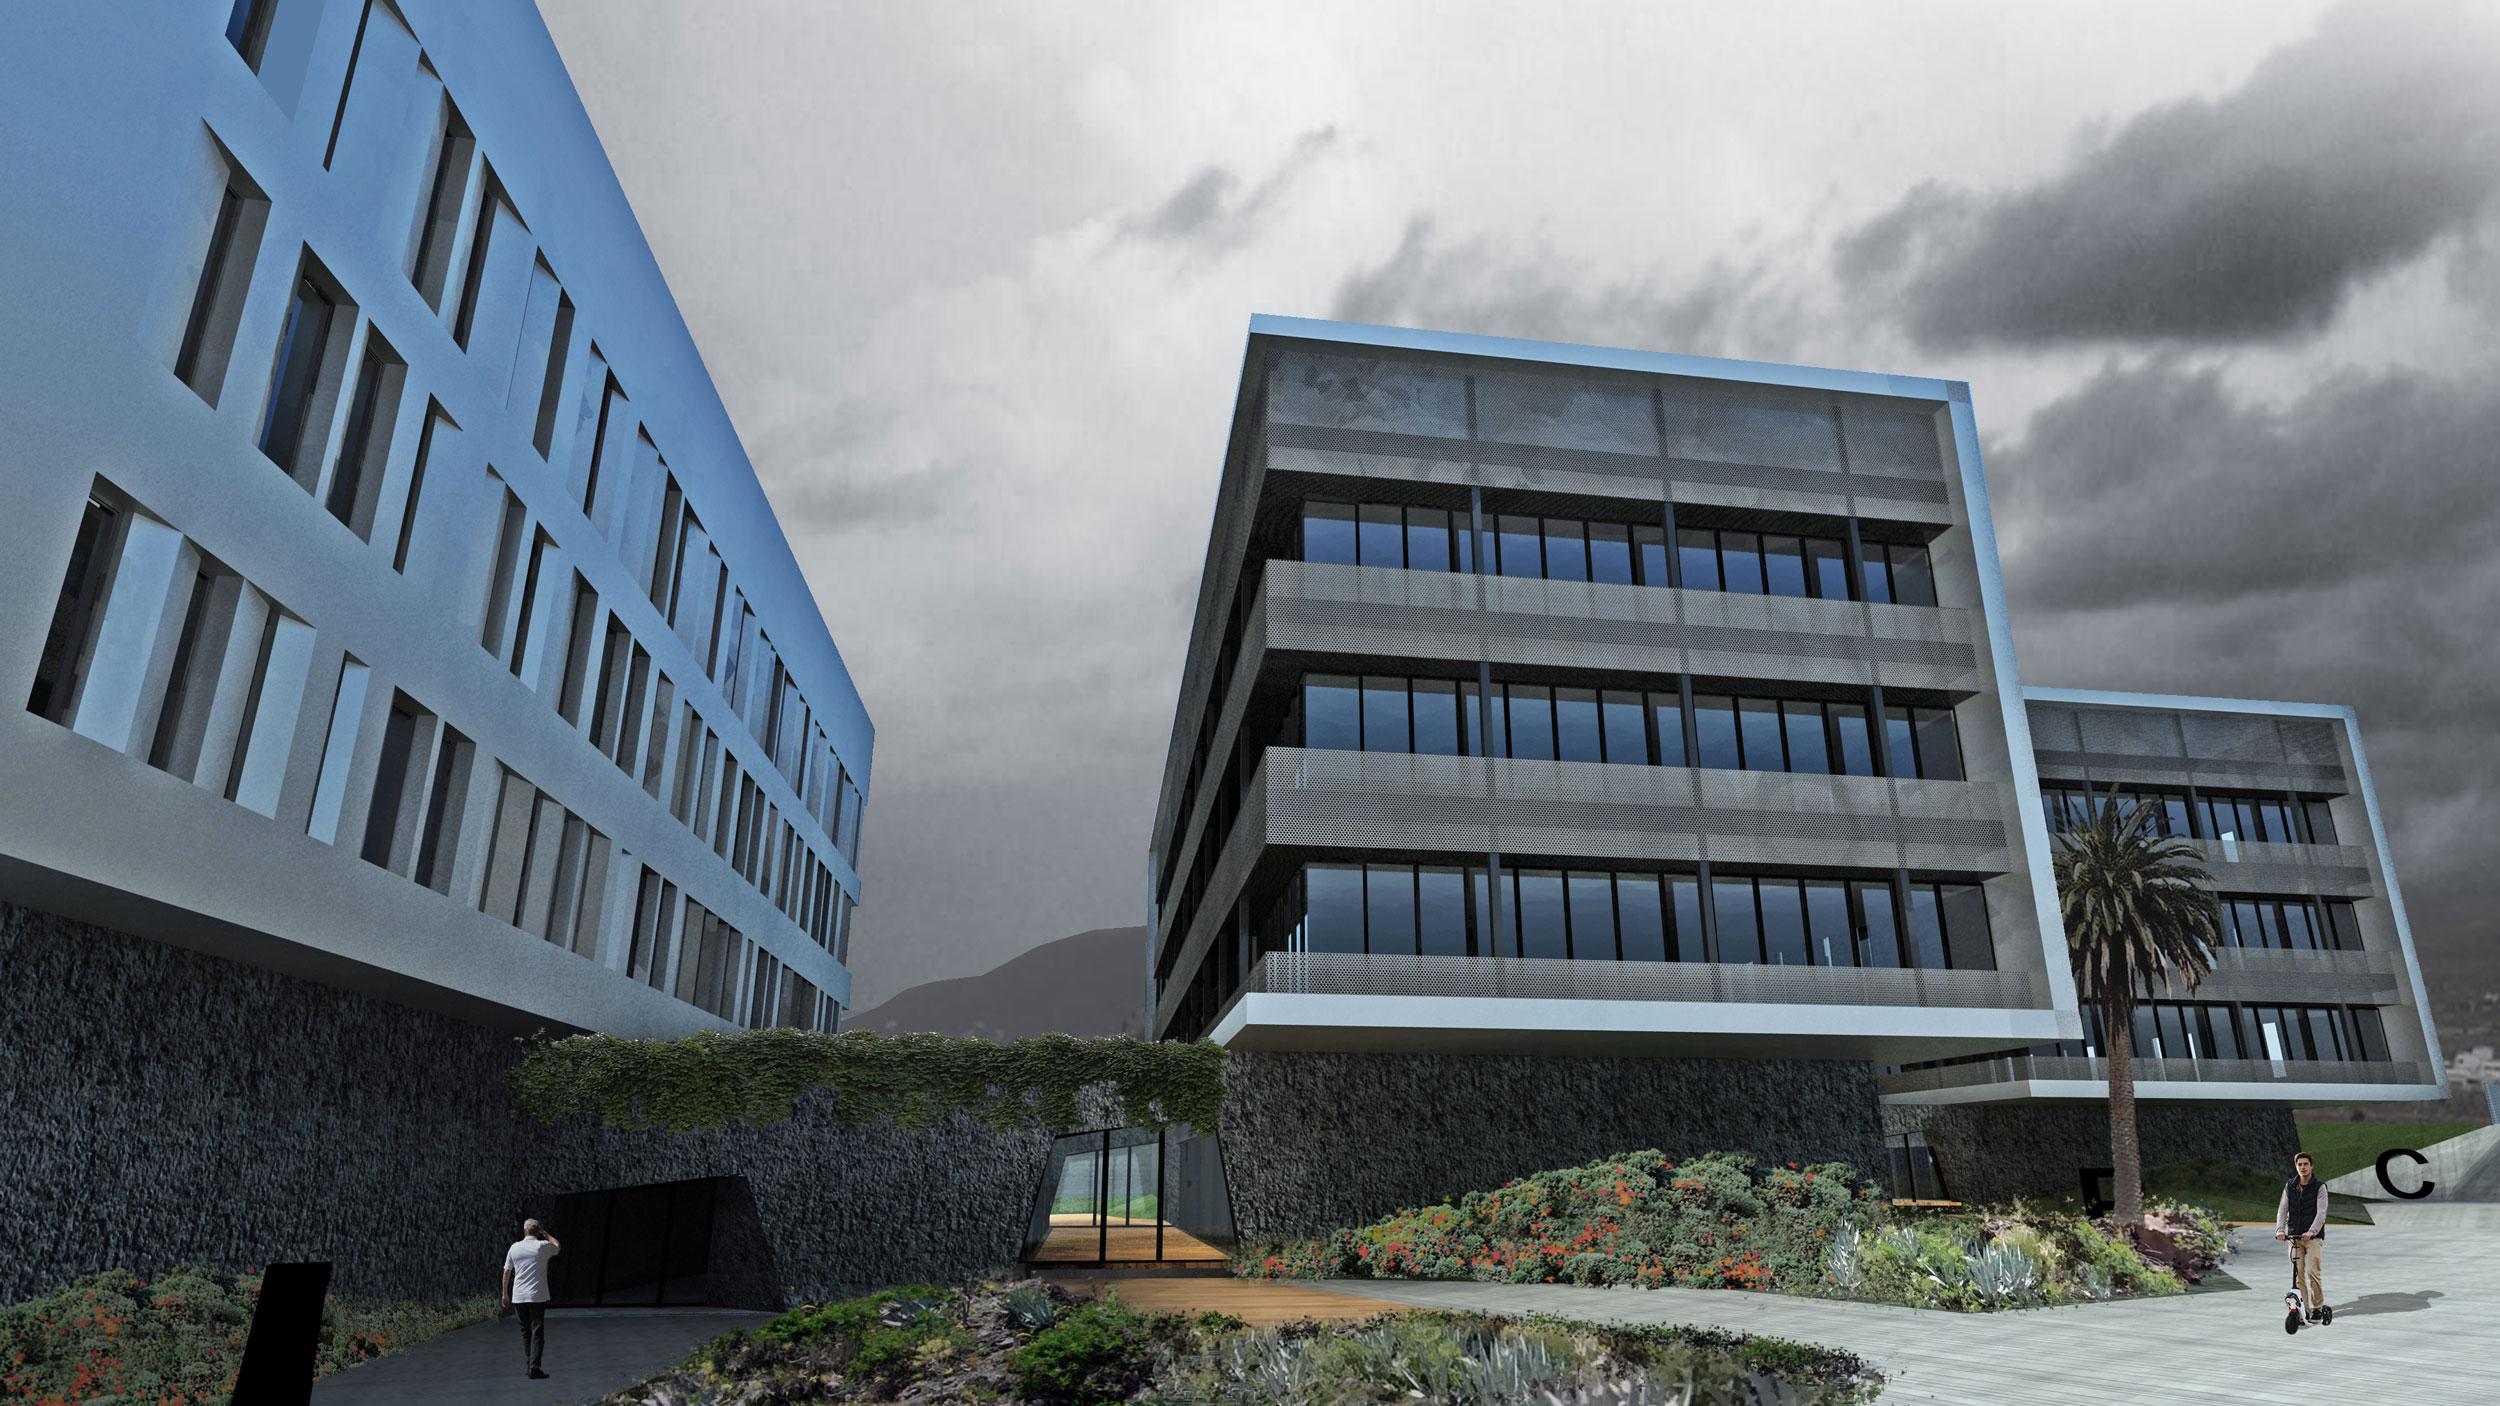 PROYECTO EDIFICIO MULTIEMPRESAS para InTech Tenerife